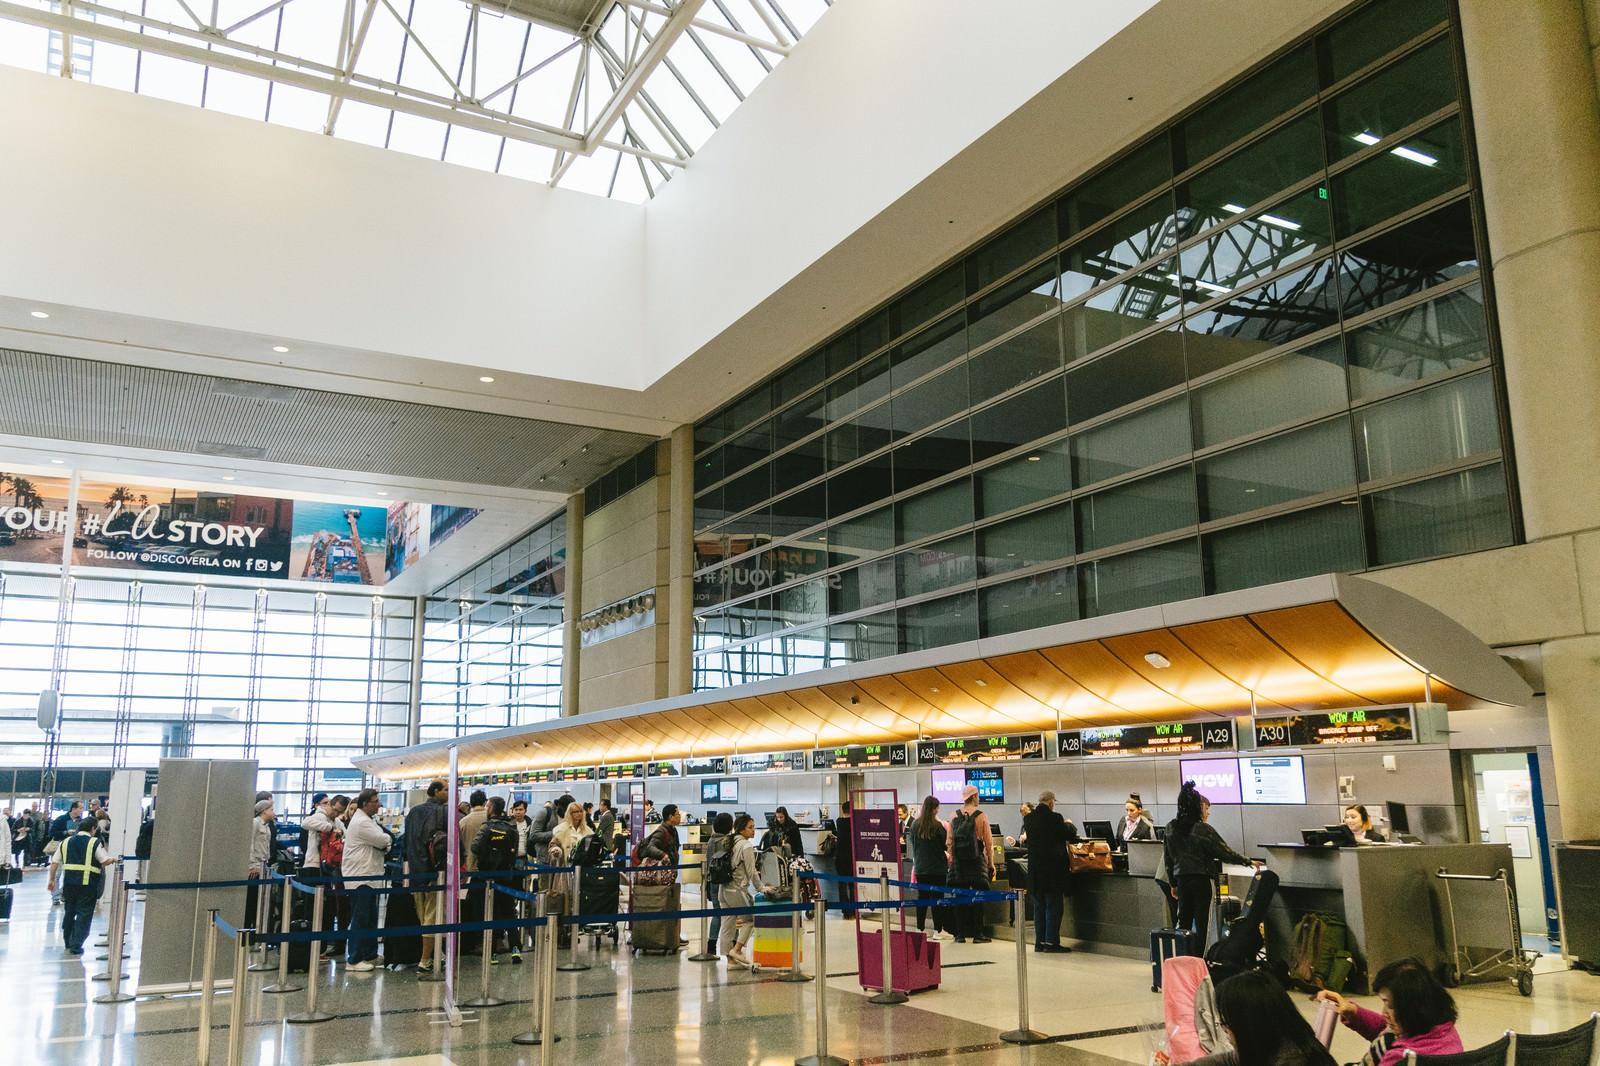 「ロサンゼルス国際空港の搭乗手続きロサンゼルス国際空港の搭乗手続き」のフリー写真素材を拡大